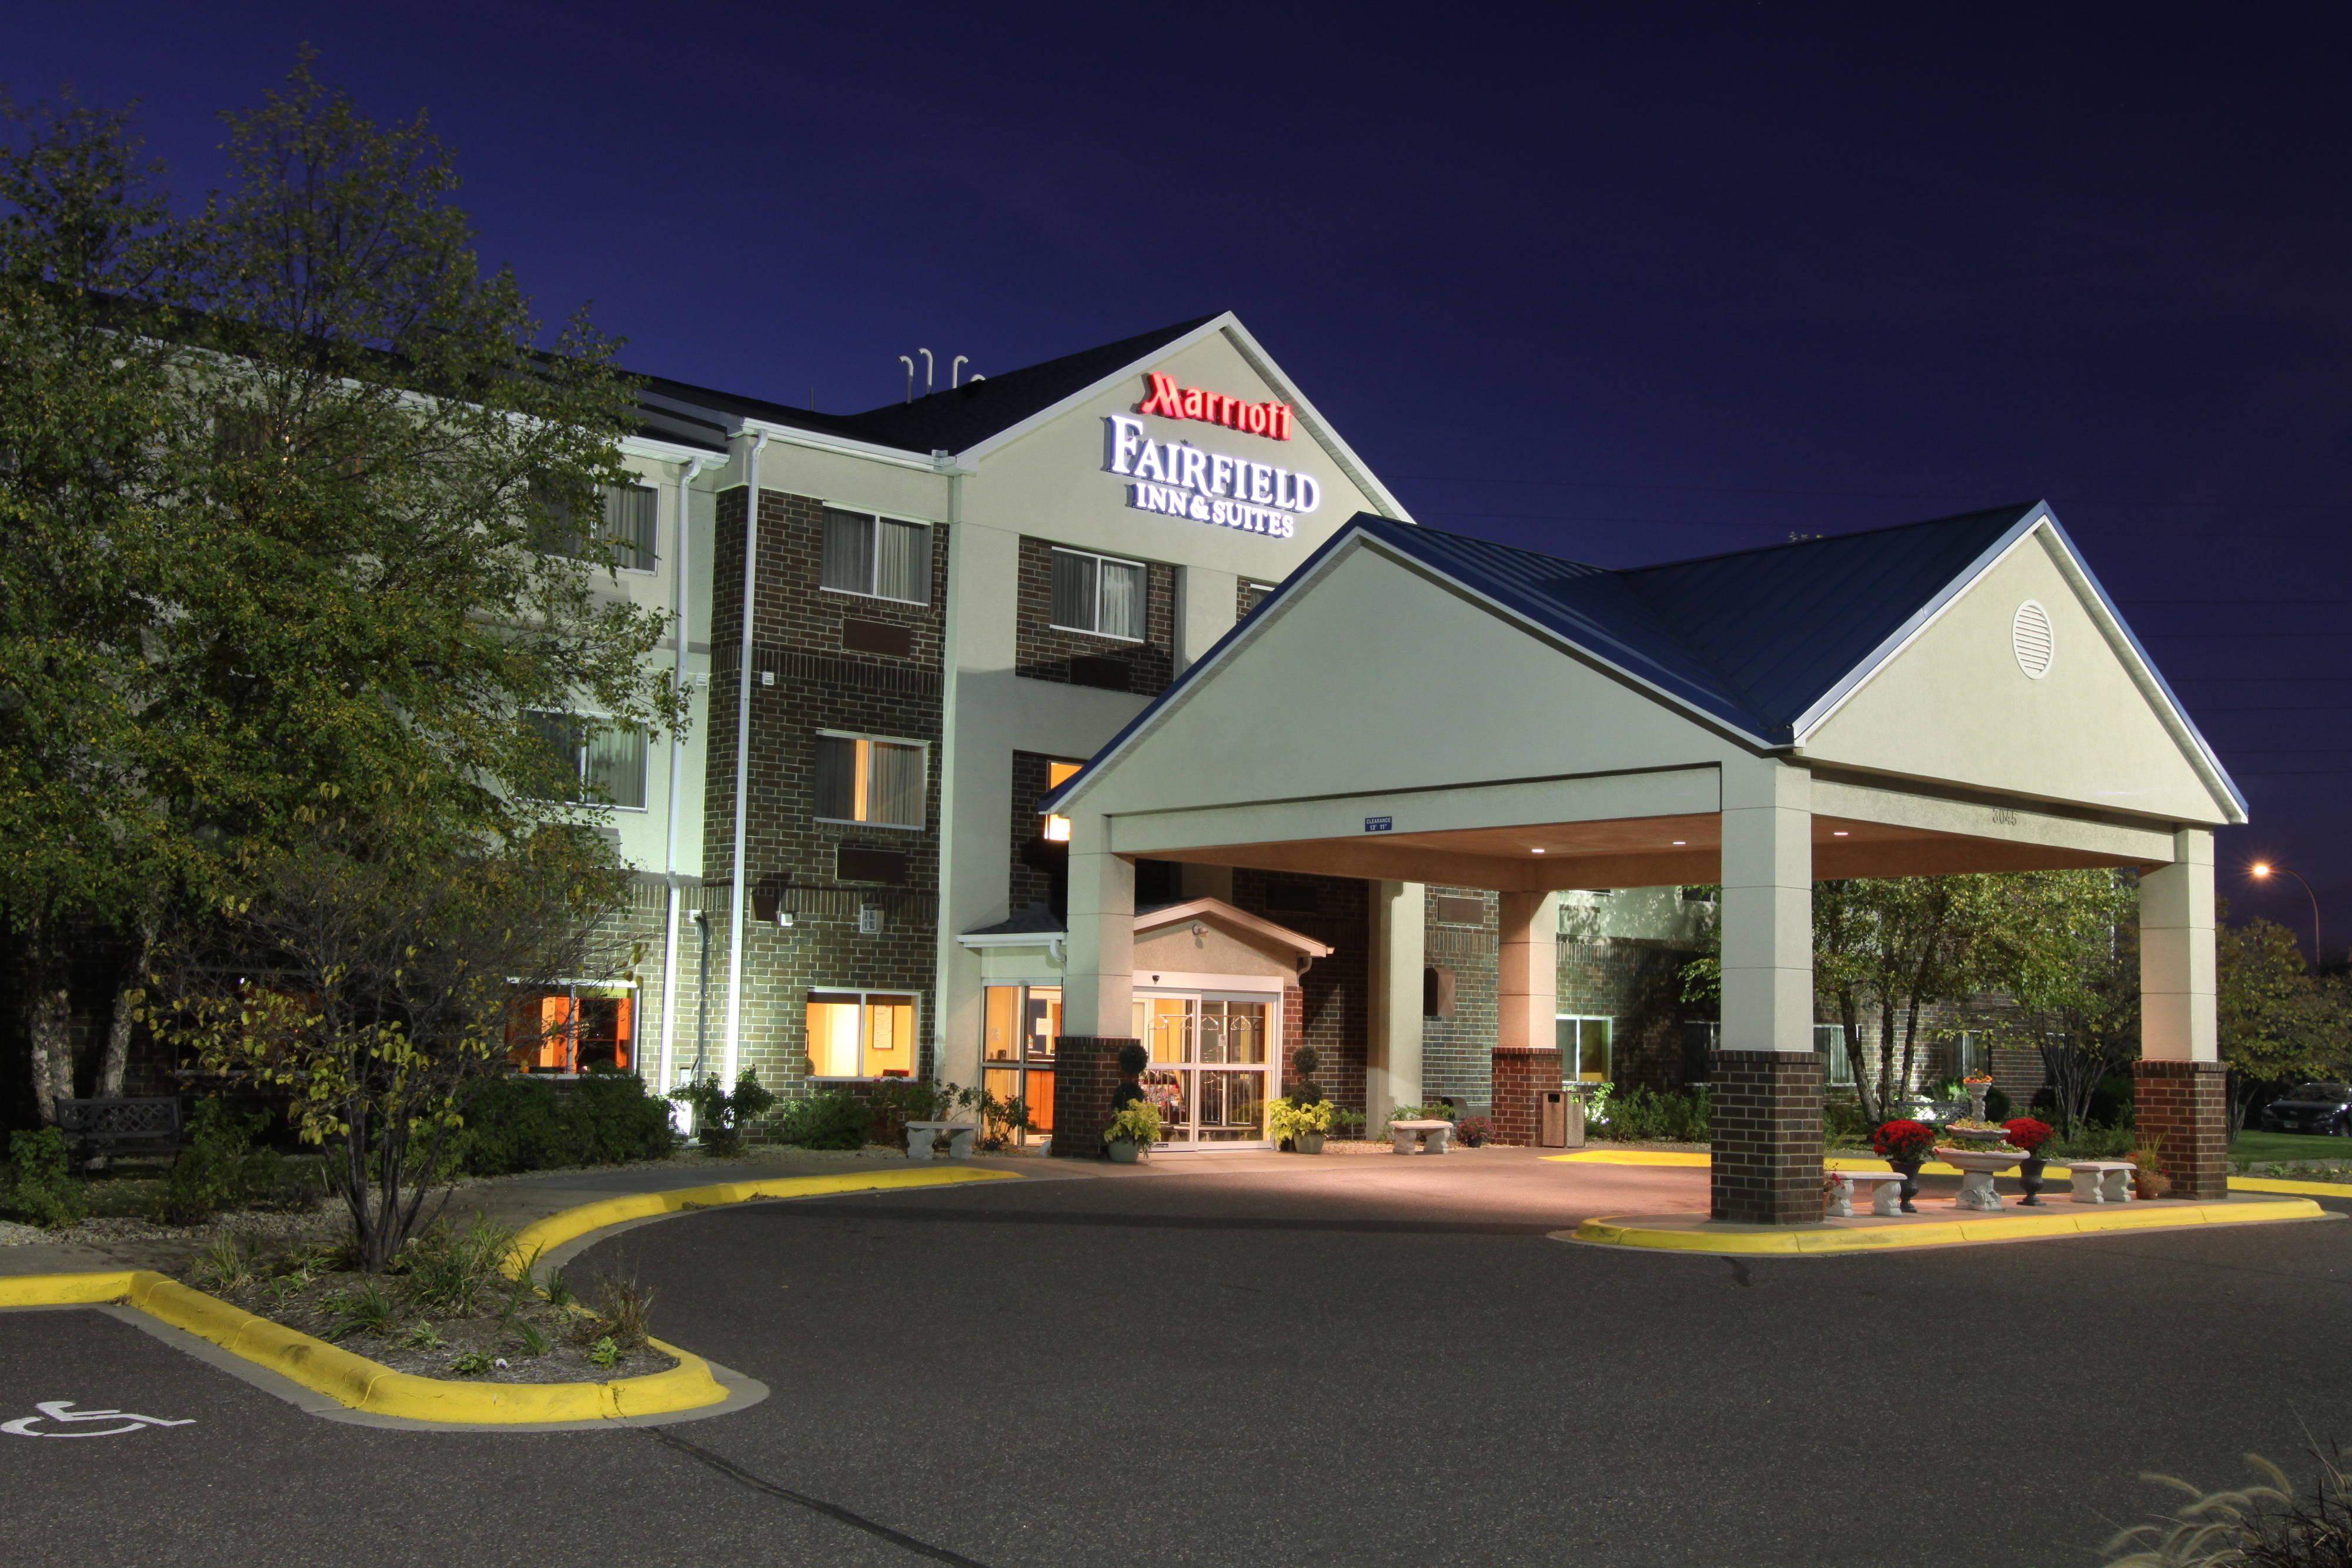 Fairfield Inn & Suites Marriott Minneapolis St. Paul/roseville